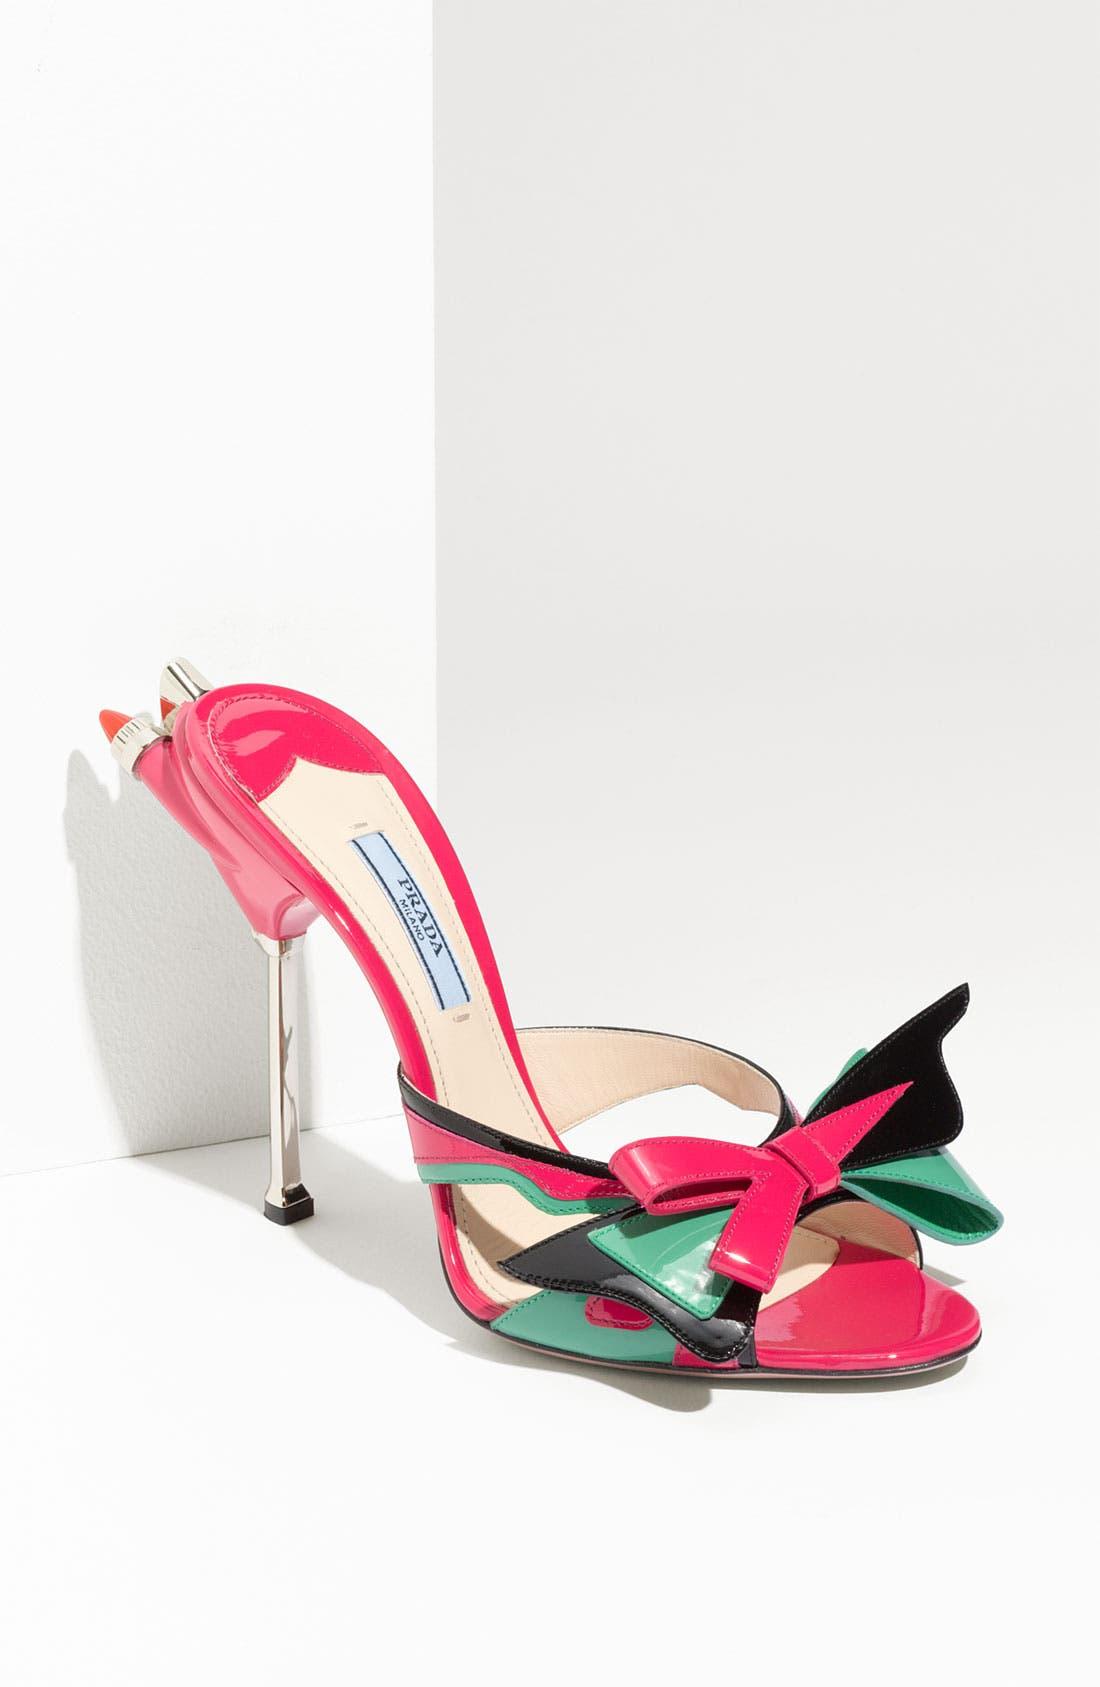 Alternate Image 1 Selected - Prada Bow Tail Light Slide Sandal